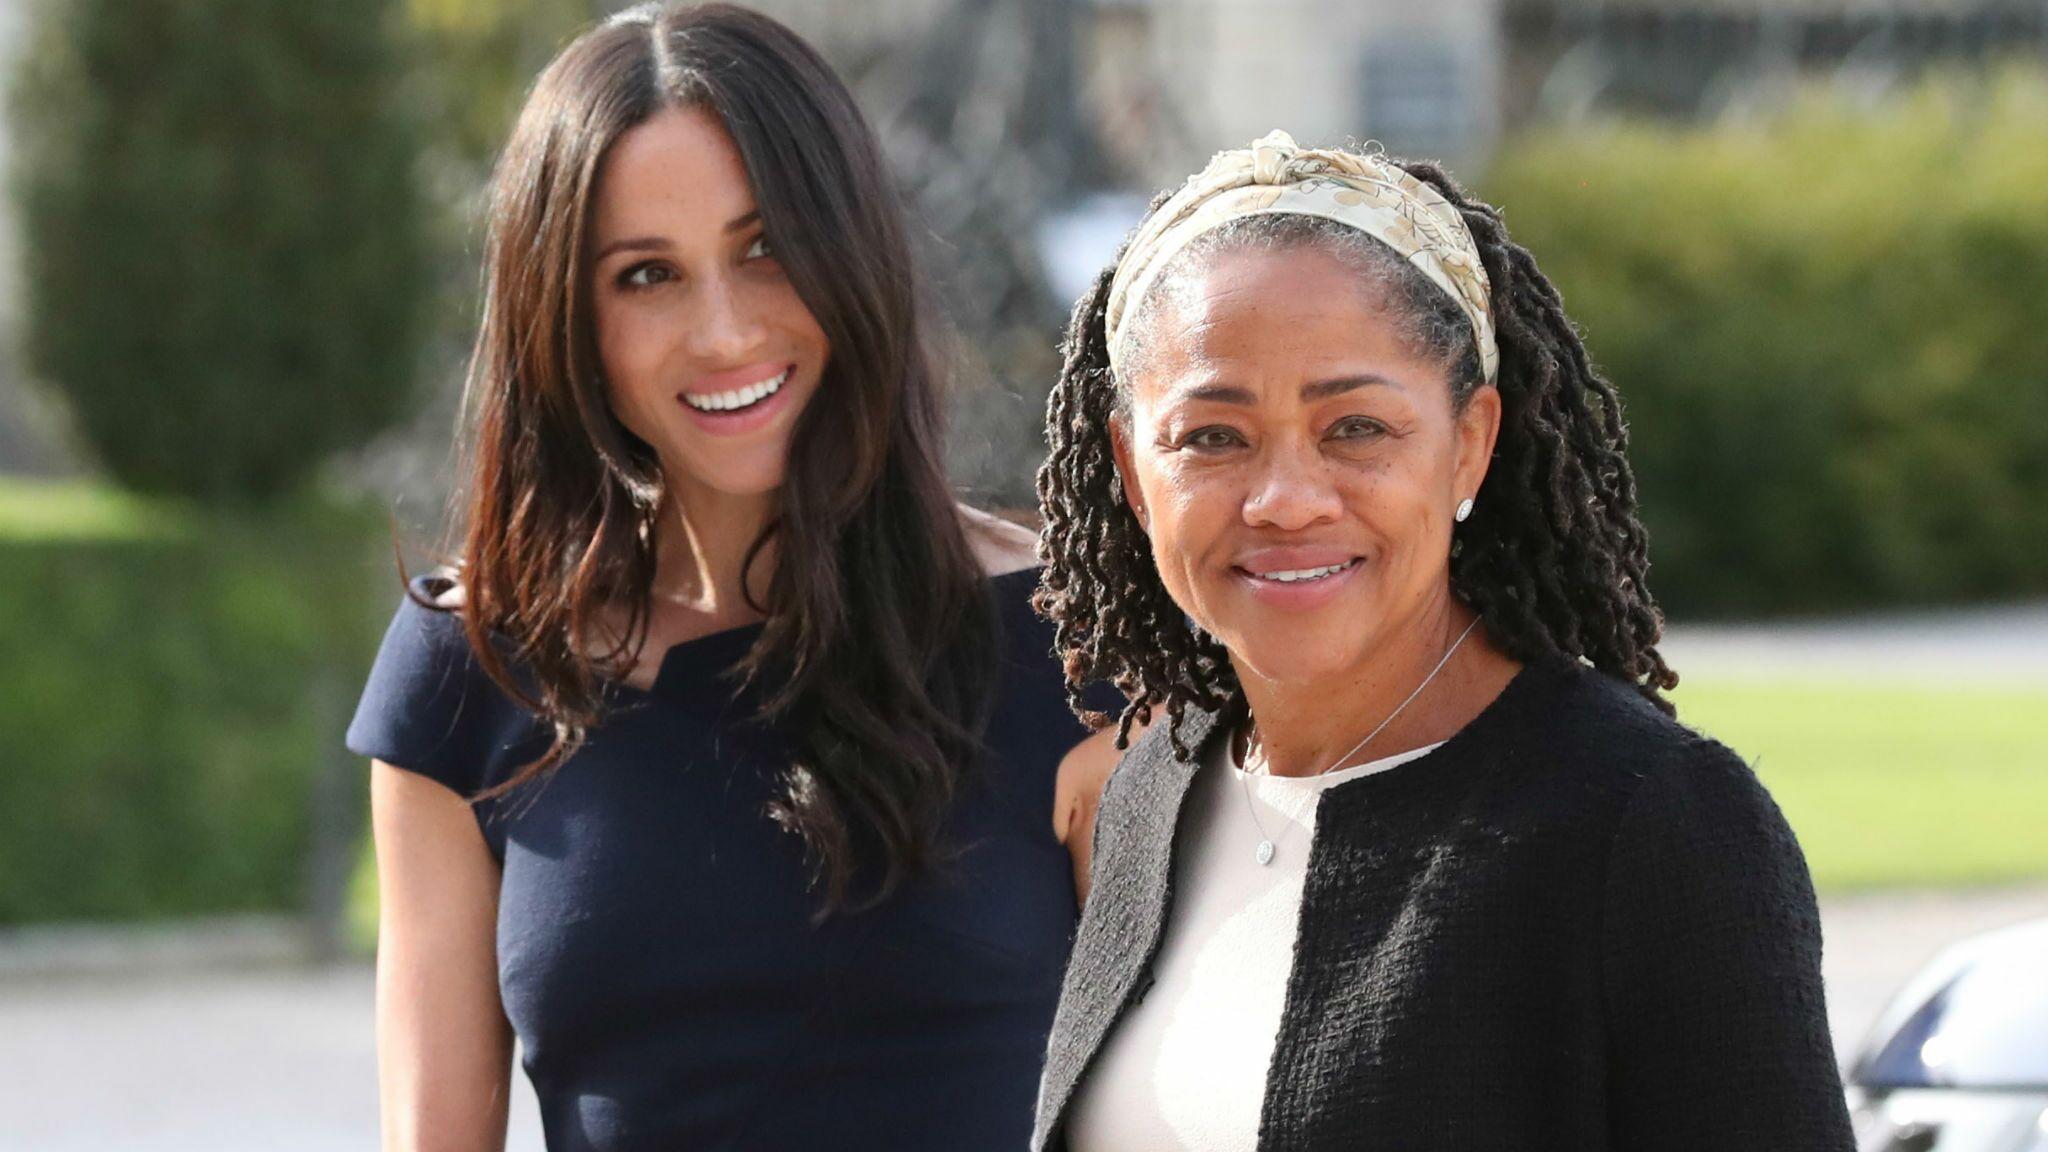 Meghan Markle seule avec son fils : sa maman Doria Ragland est rentrée à Los Angeles